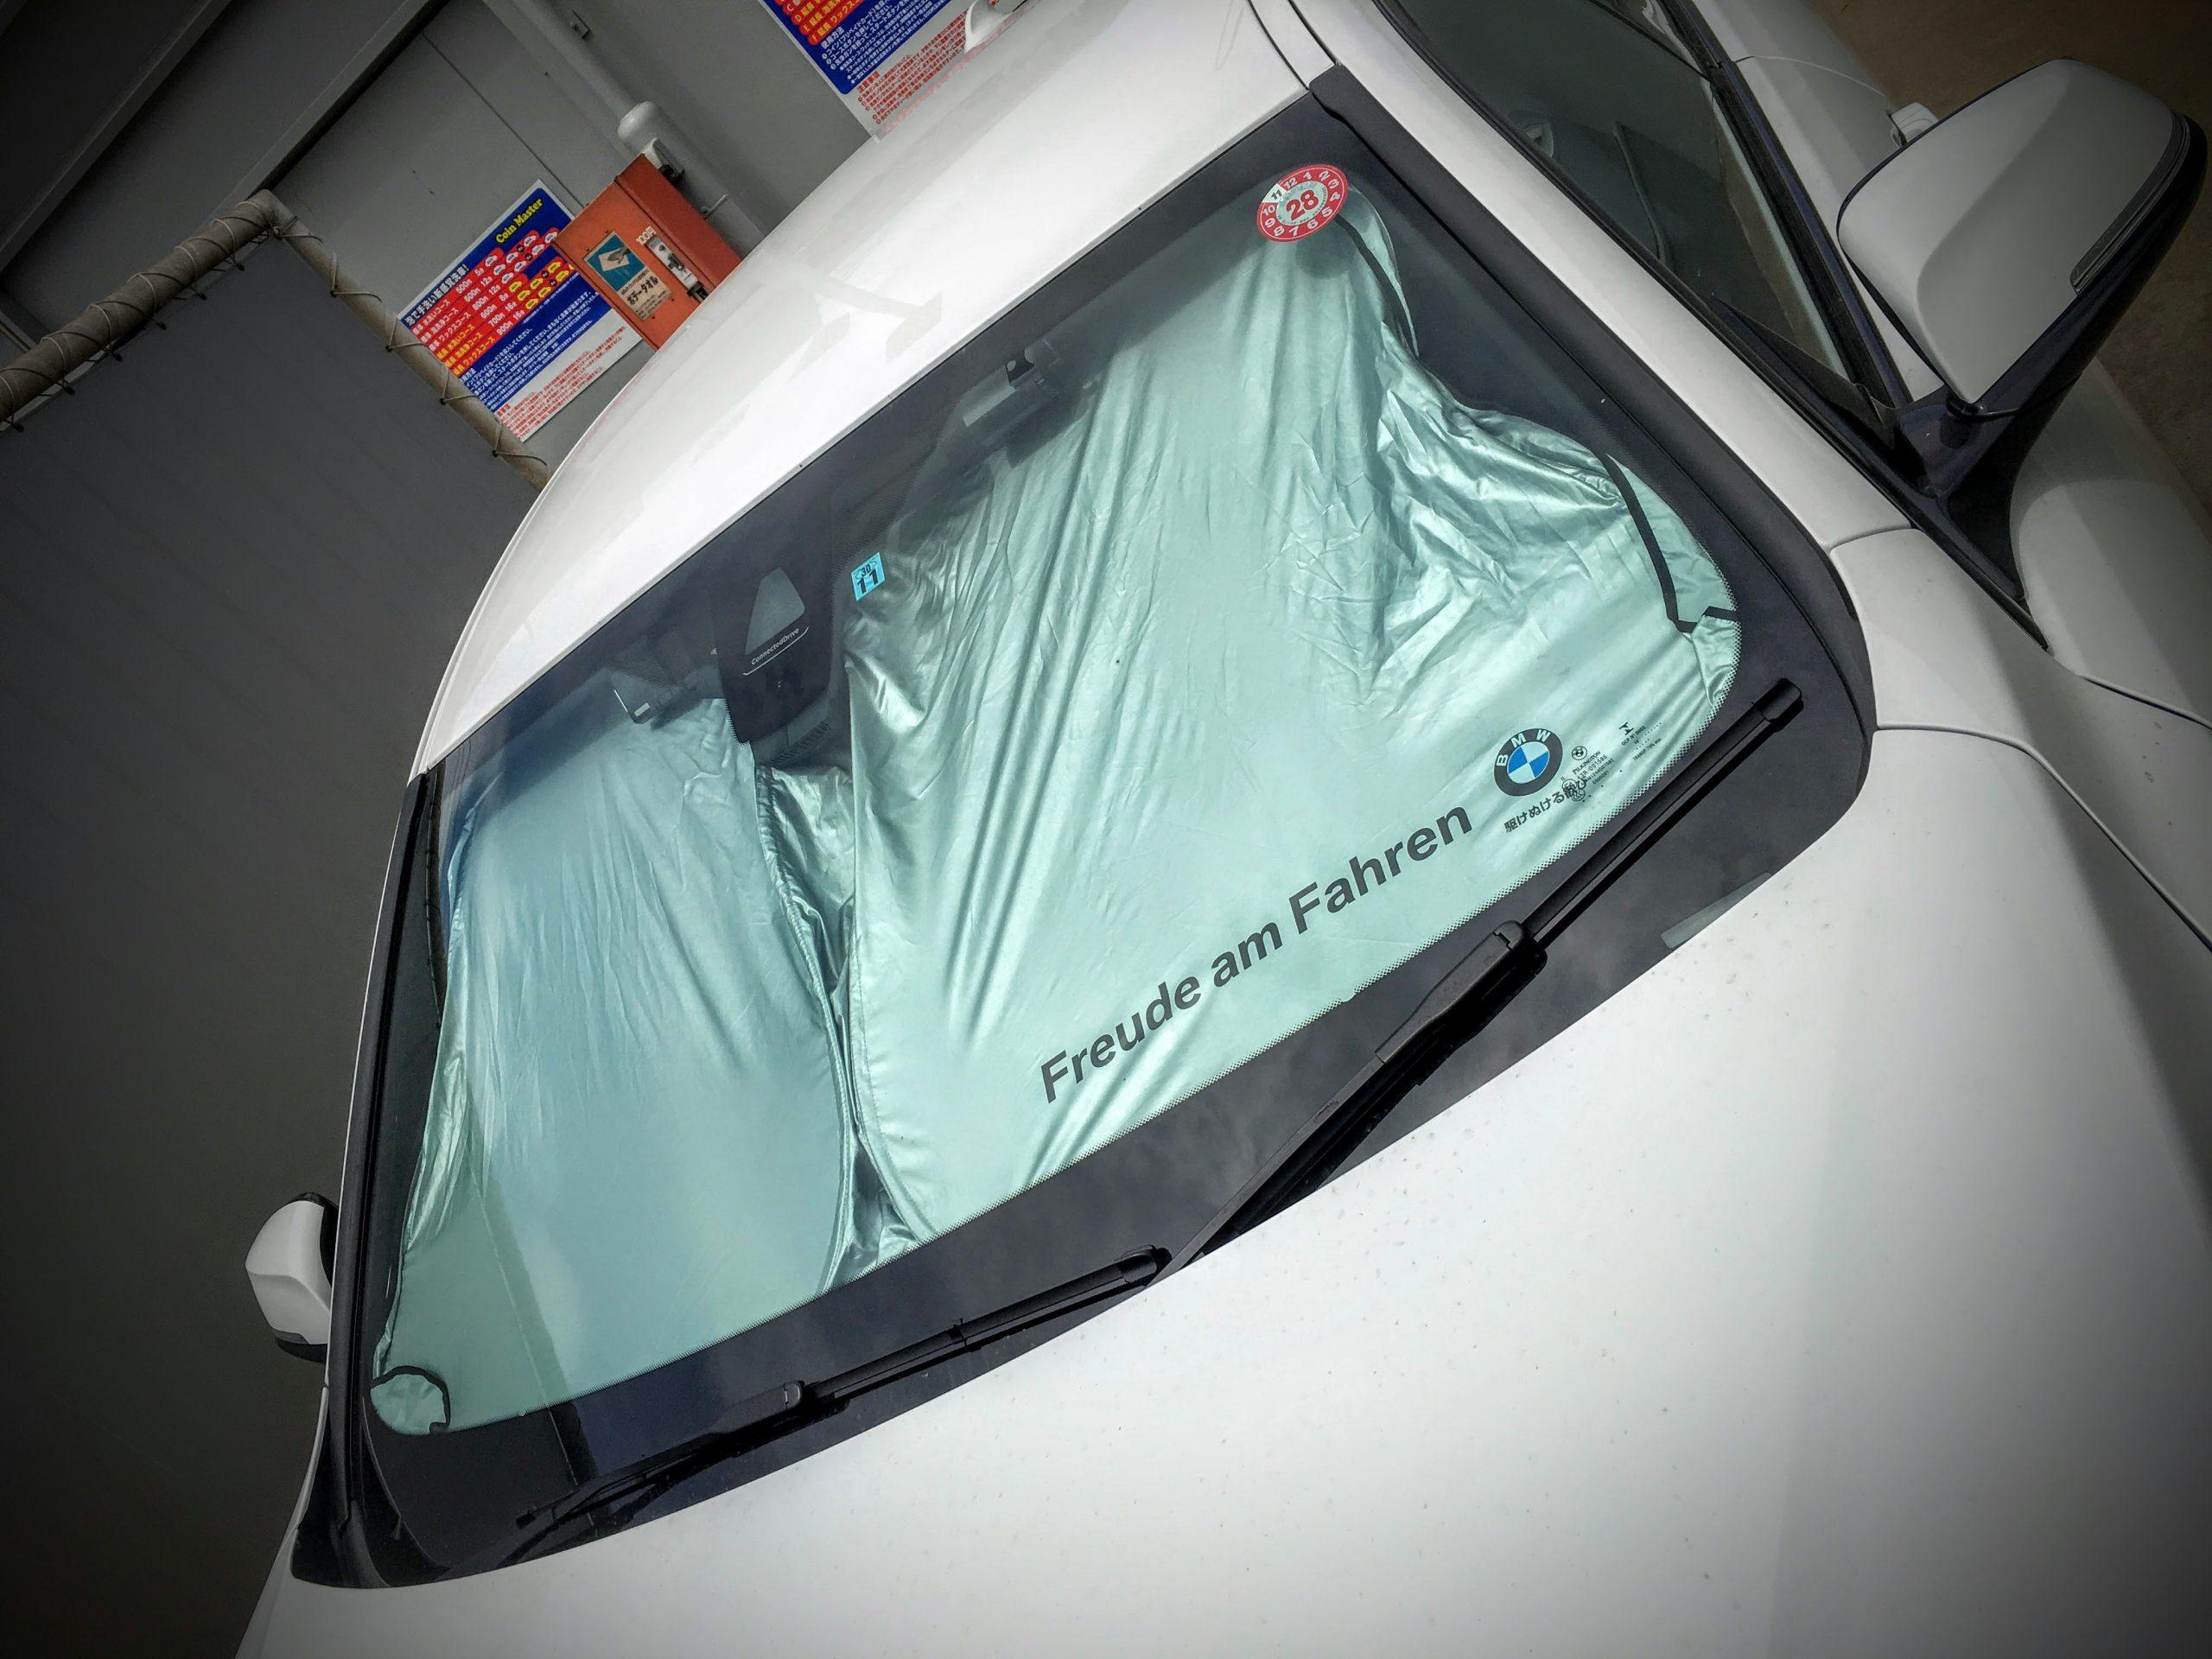 BMW各シリーズ(1,2,3,4,5,6,7,X,M,Z4)100万円引きスロットくじ実施中なので引いてみました!結果は?